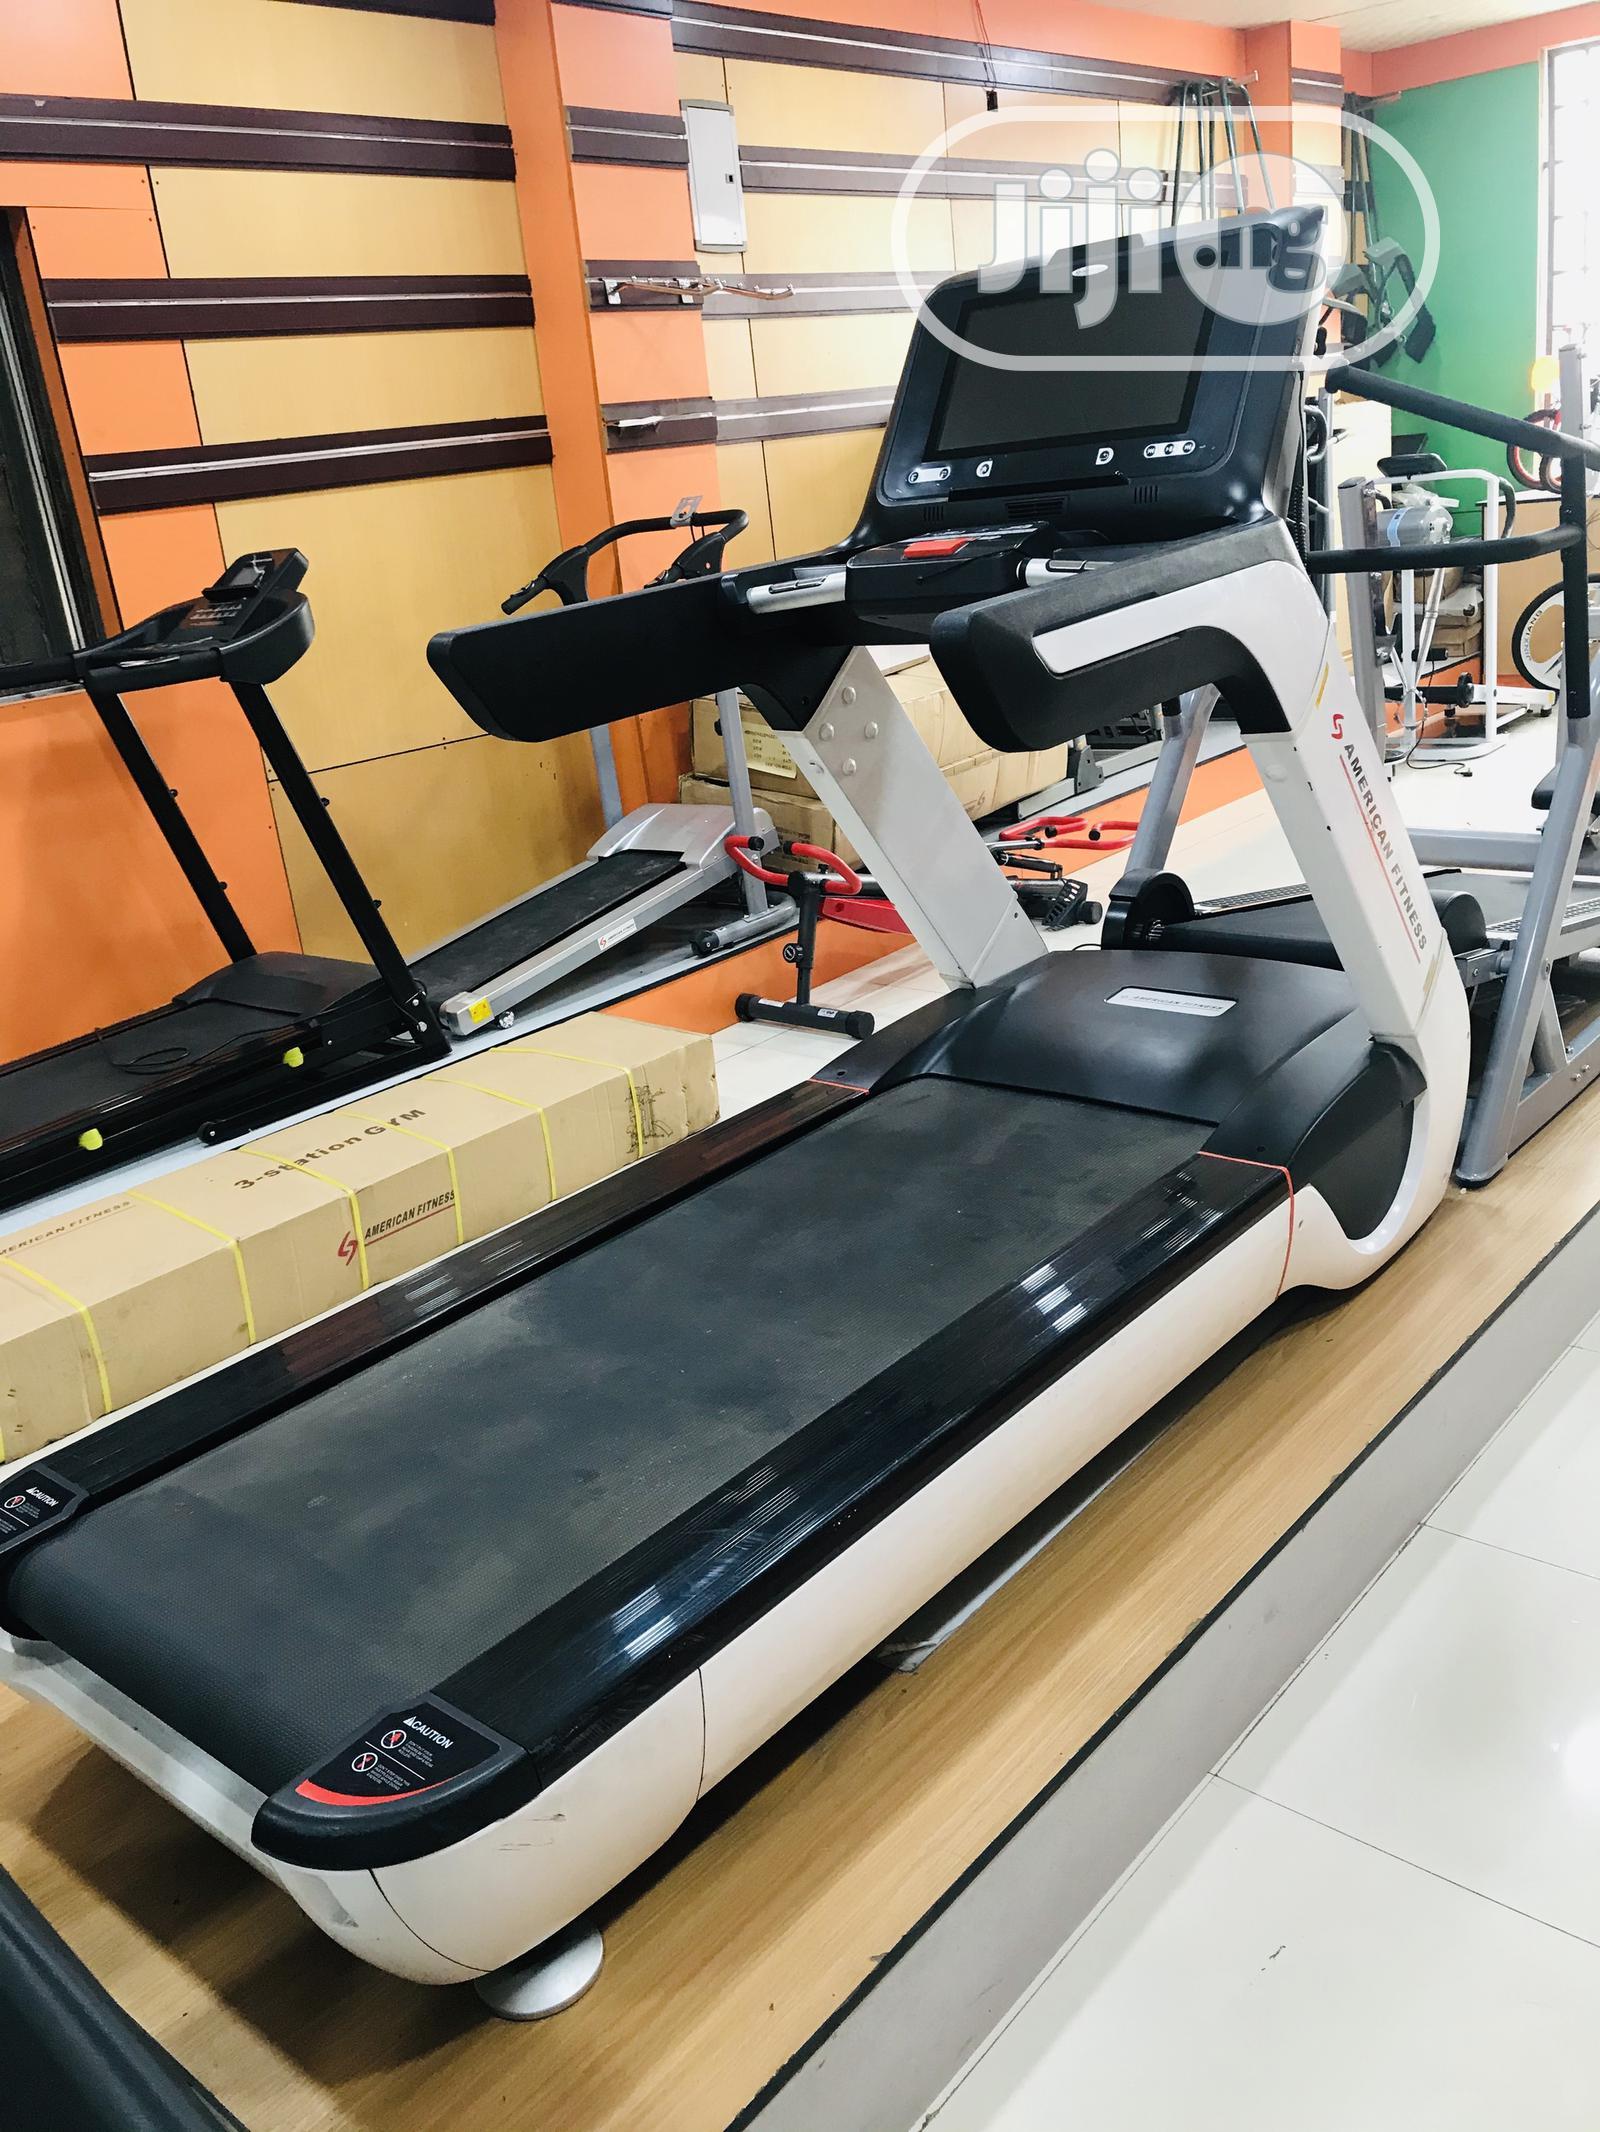 8hp Treadmill